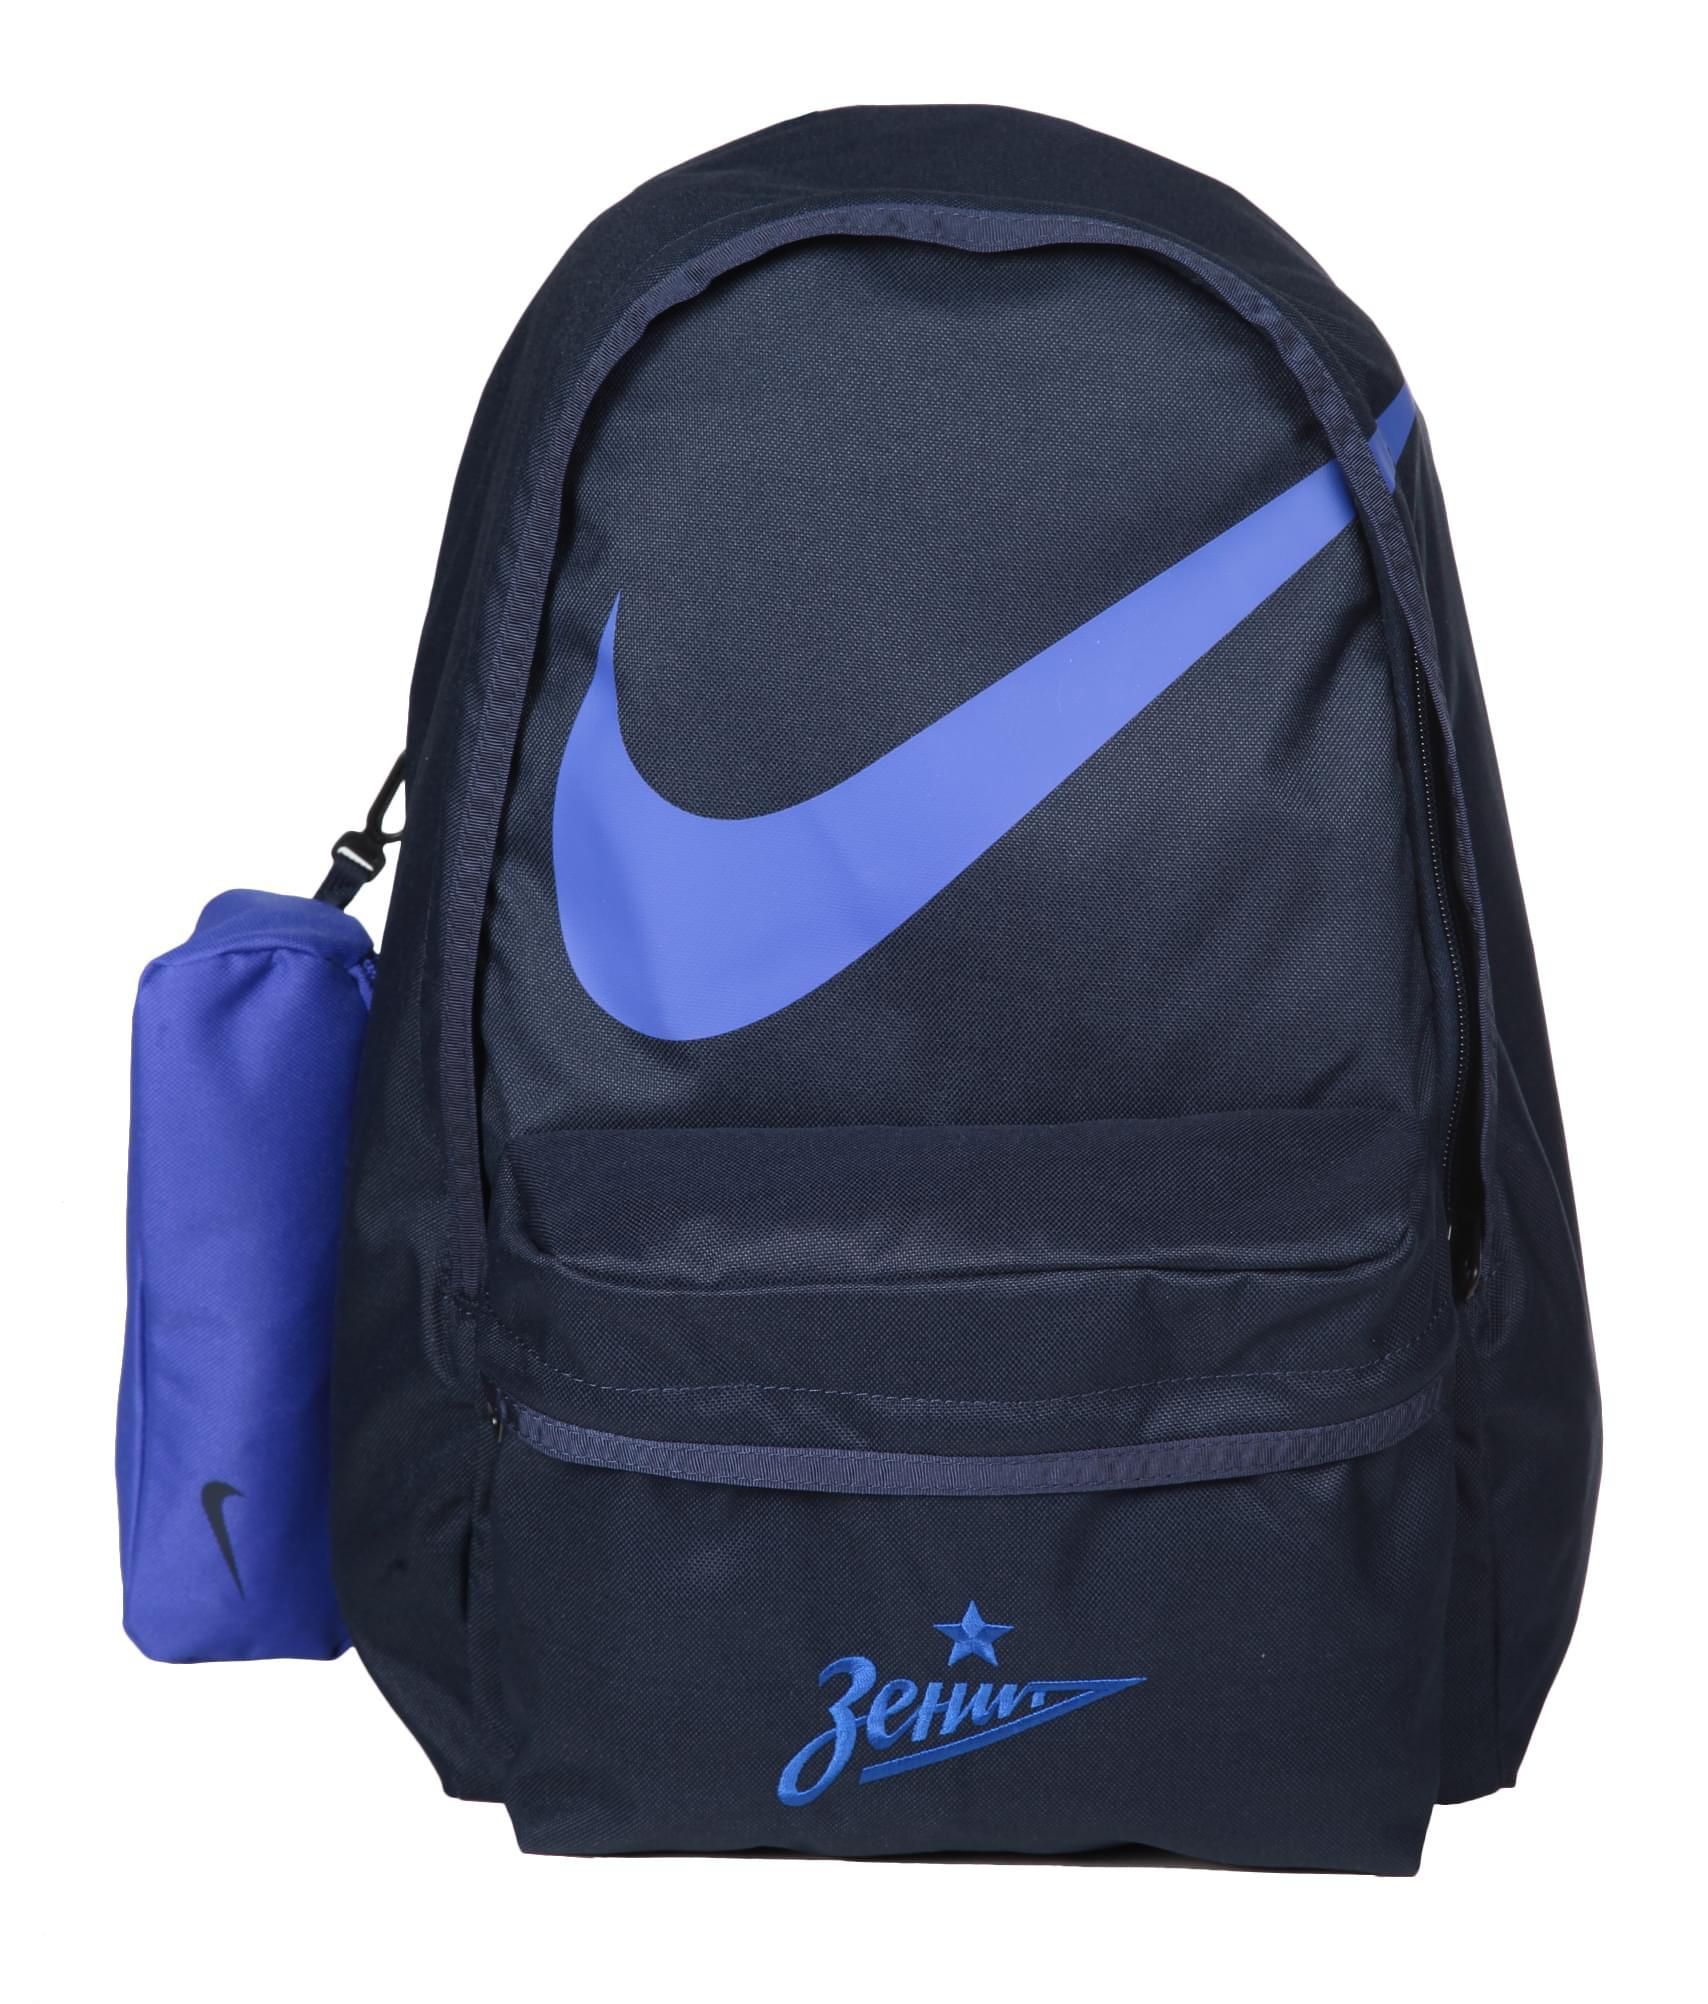 Рюкзак детский Nike, Цвет-Темно-Синий, Размер-MISC найк борзов найк борзов избранное ii